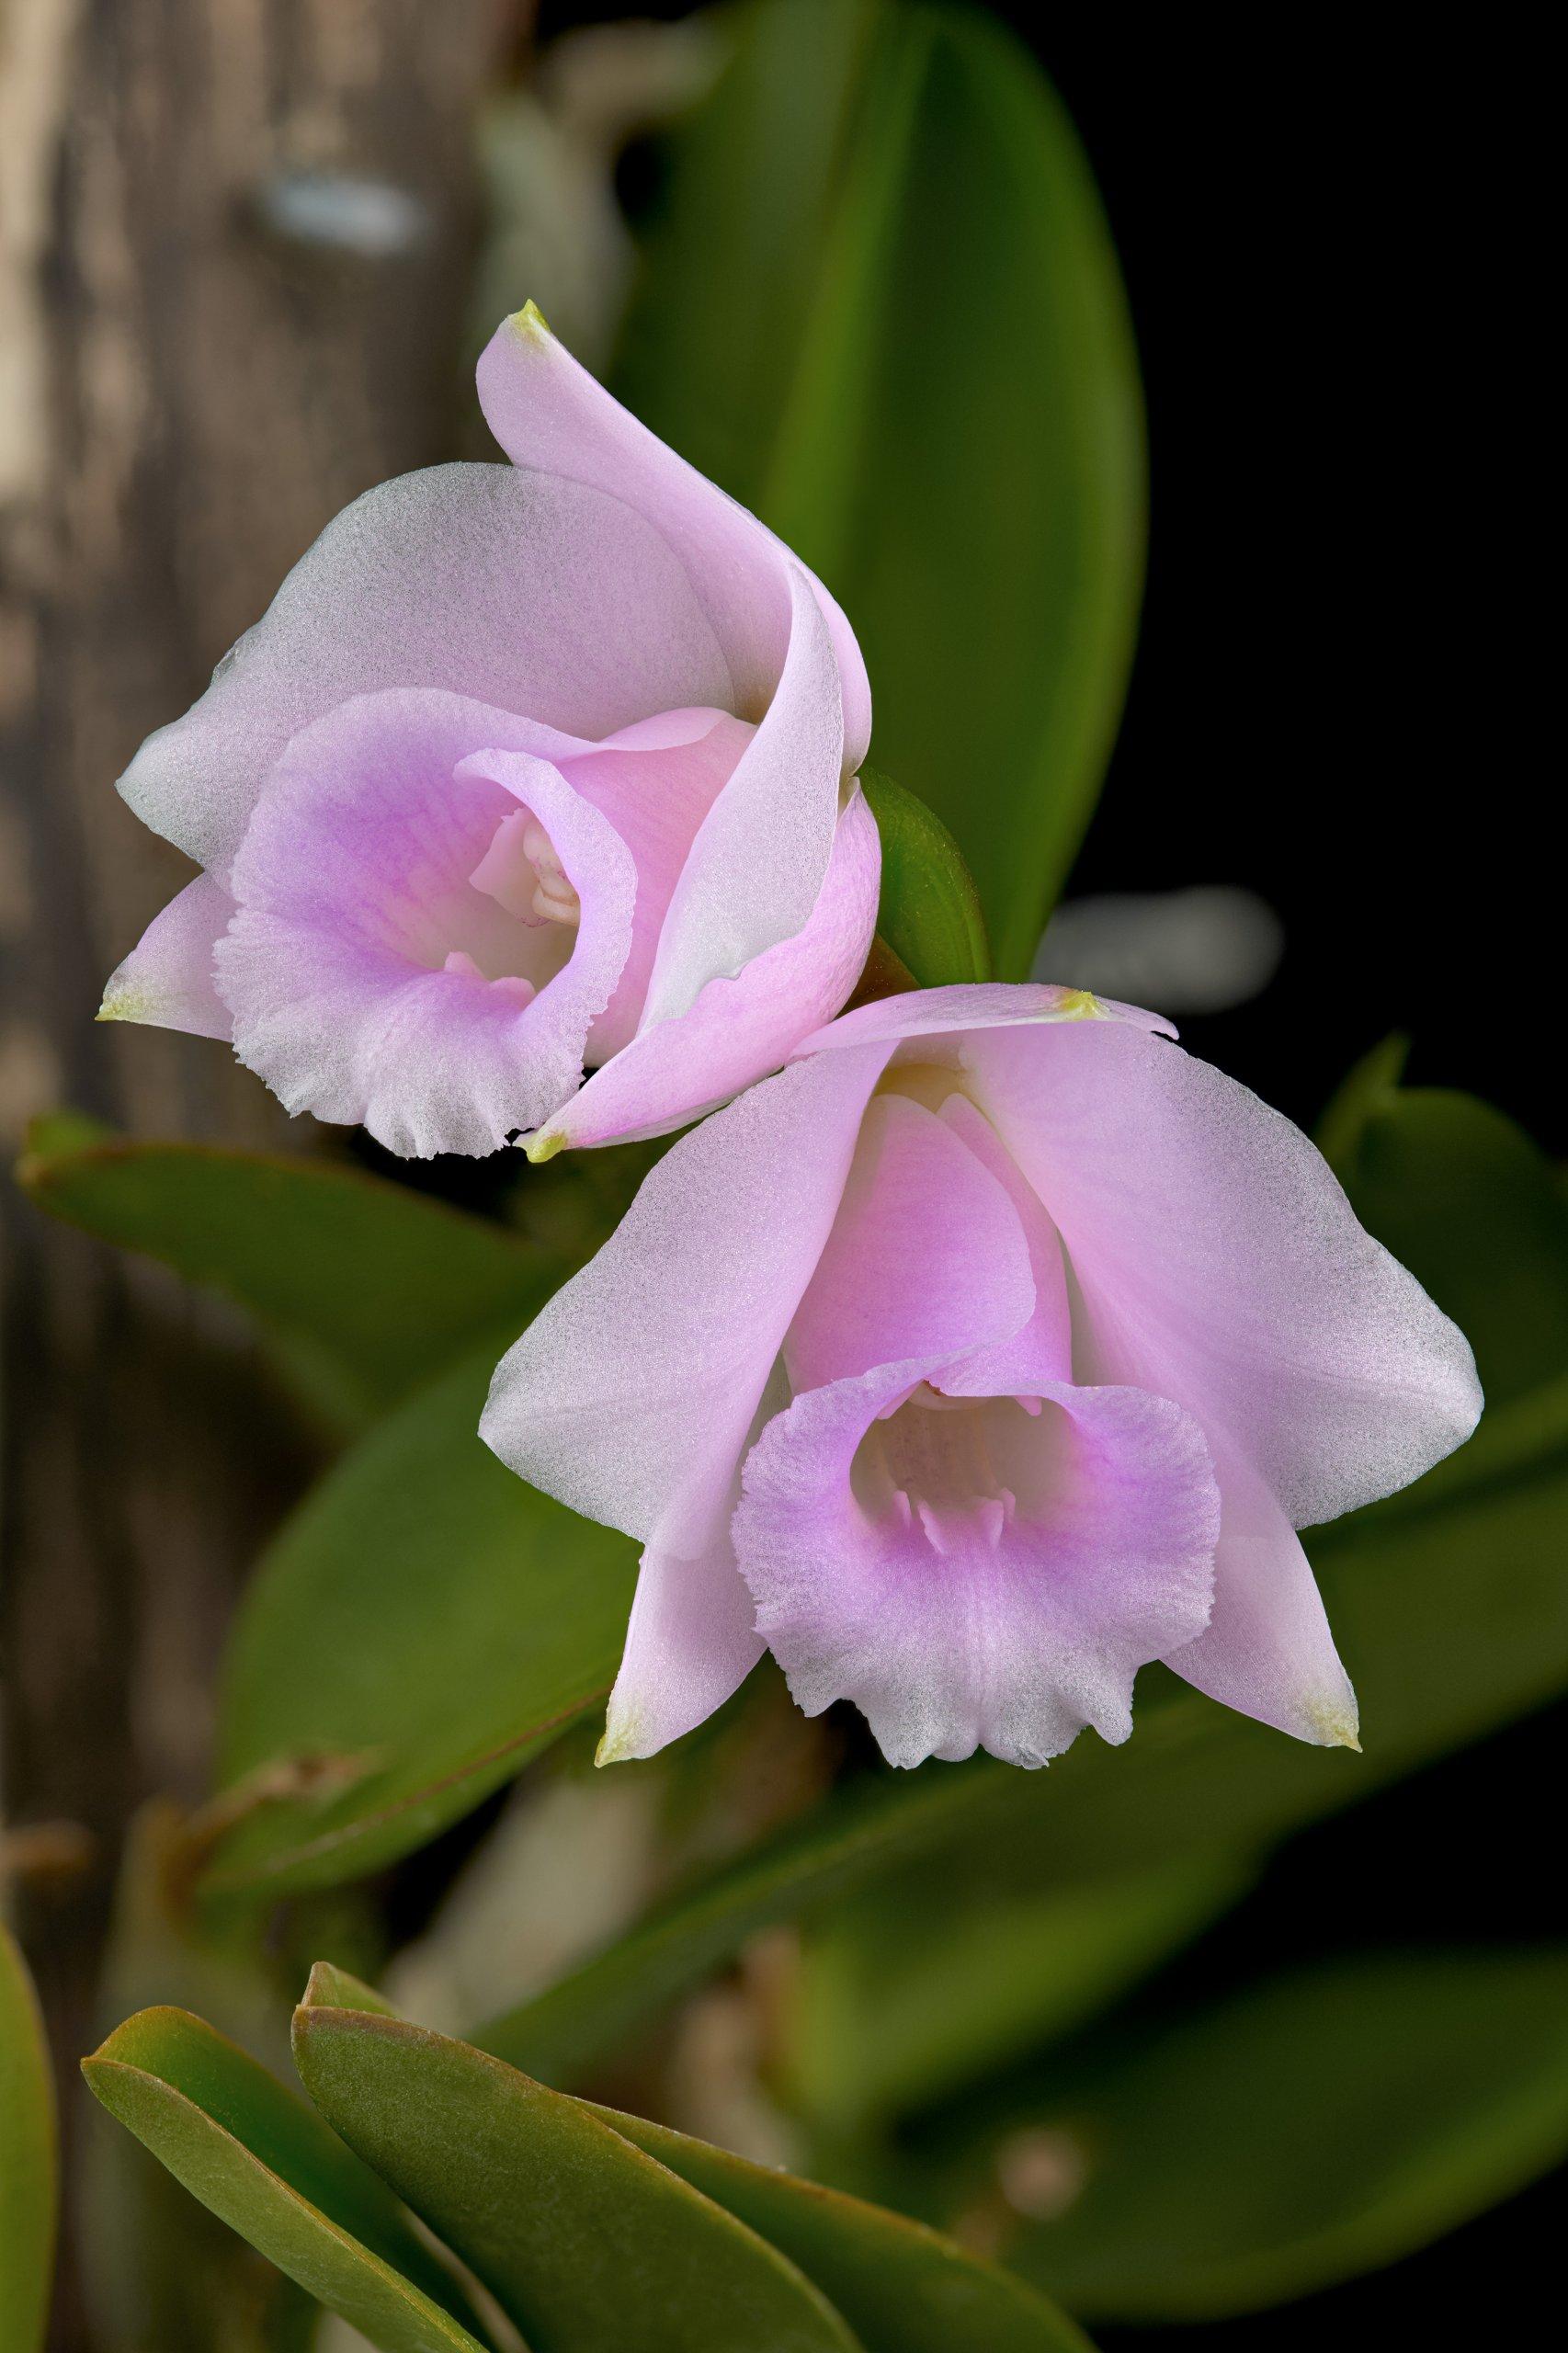 Laelia alaorii flowers 02_06.06.19.jpg